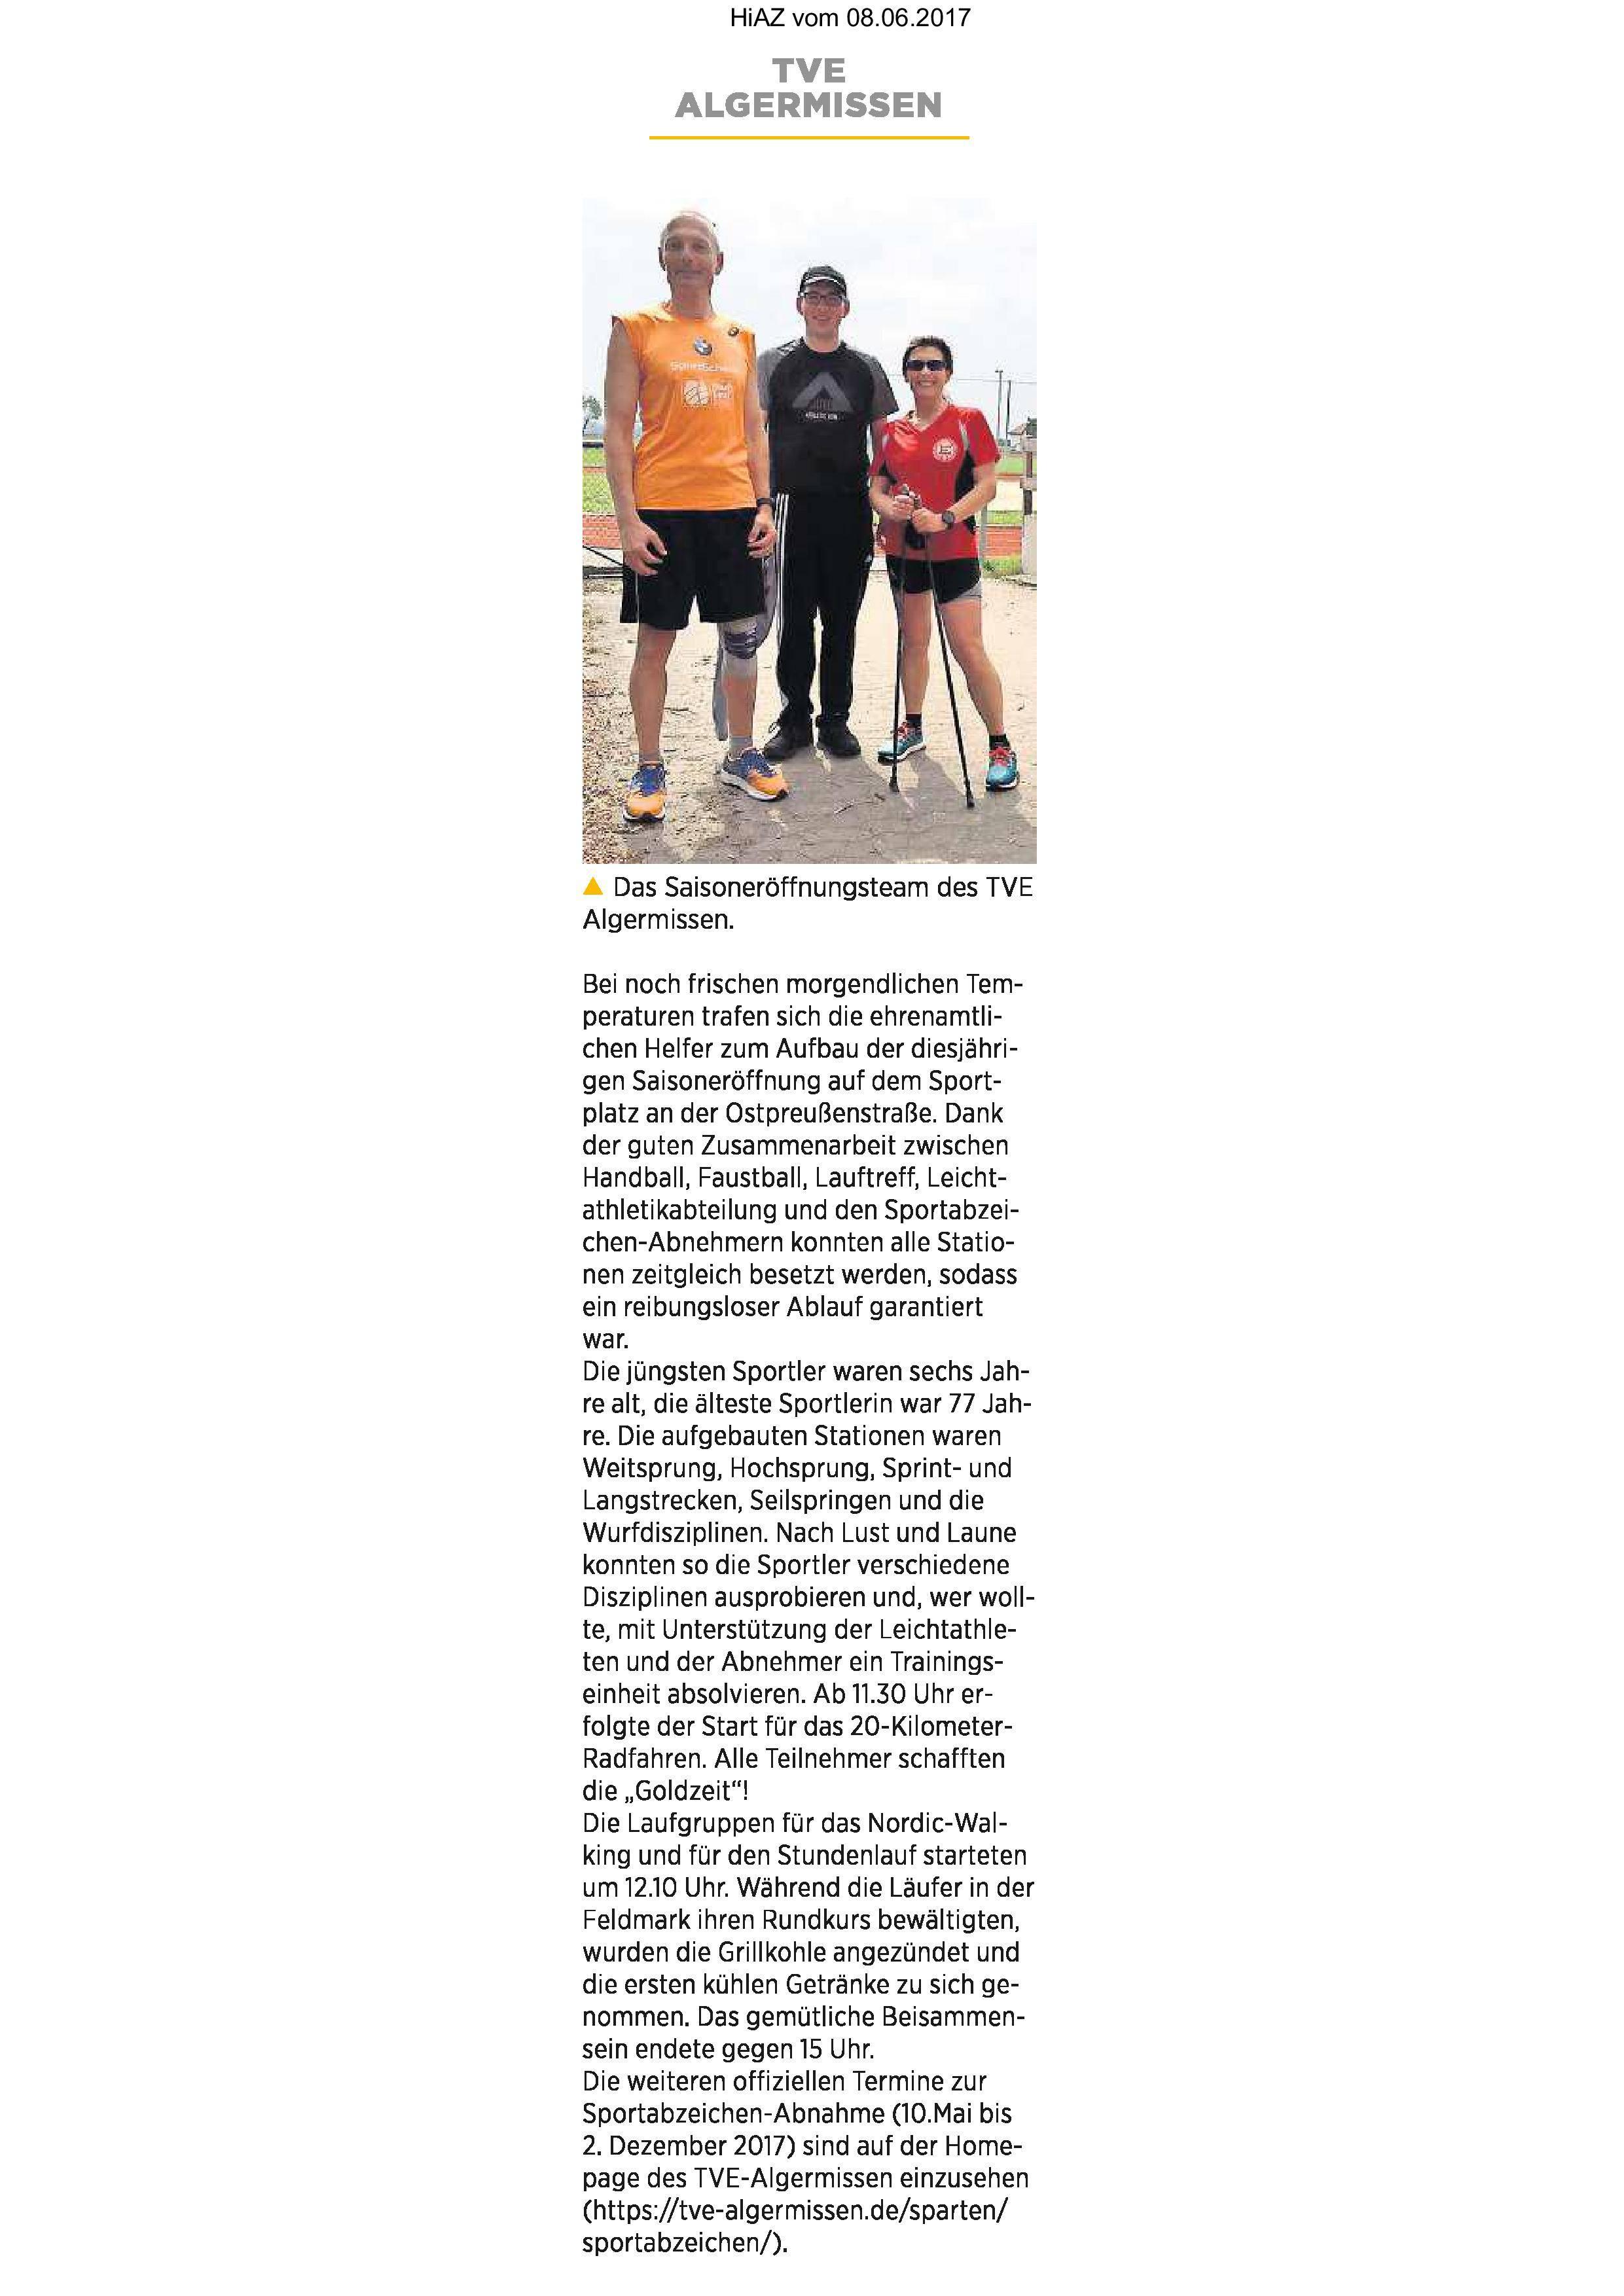 2017_06_08_hiaz_sportabzeichensaisoneroeffnung-page-001